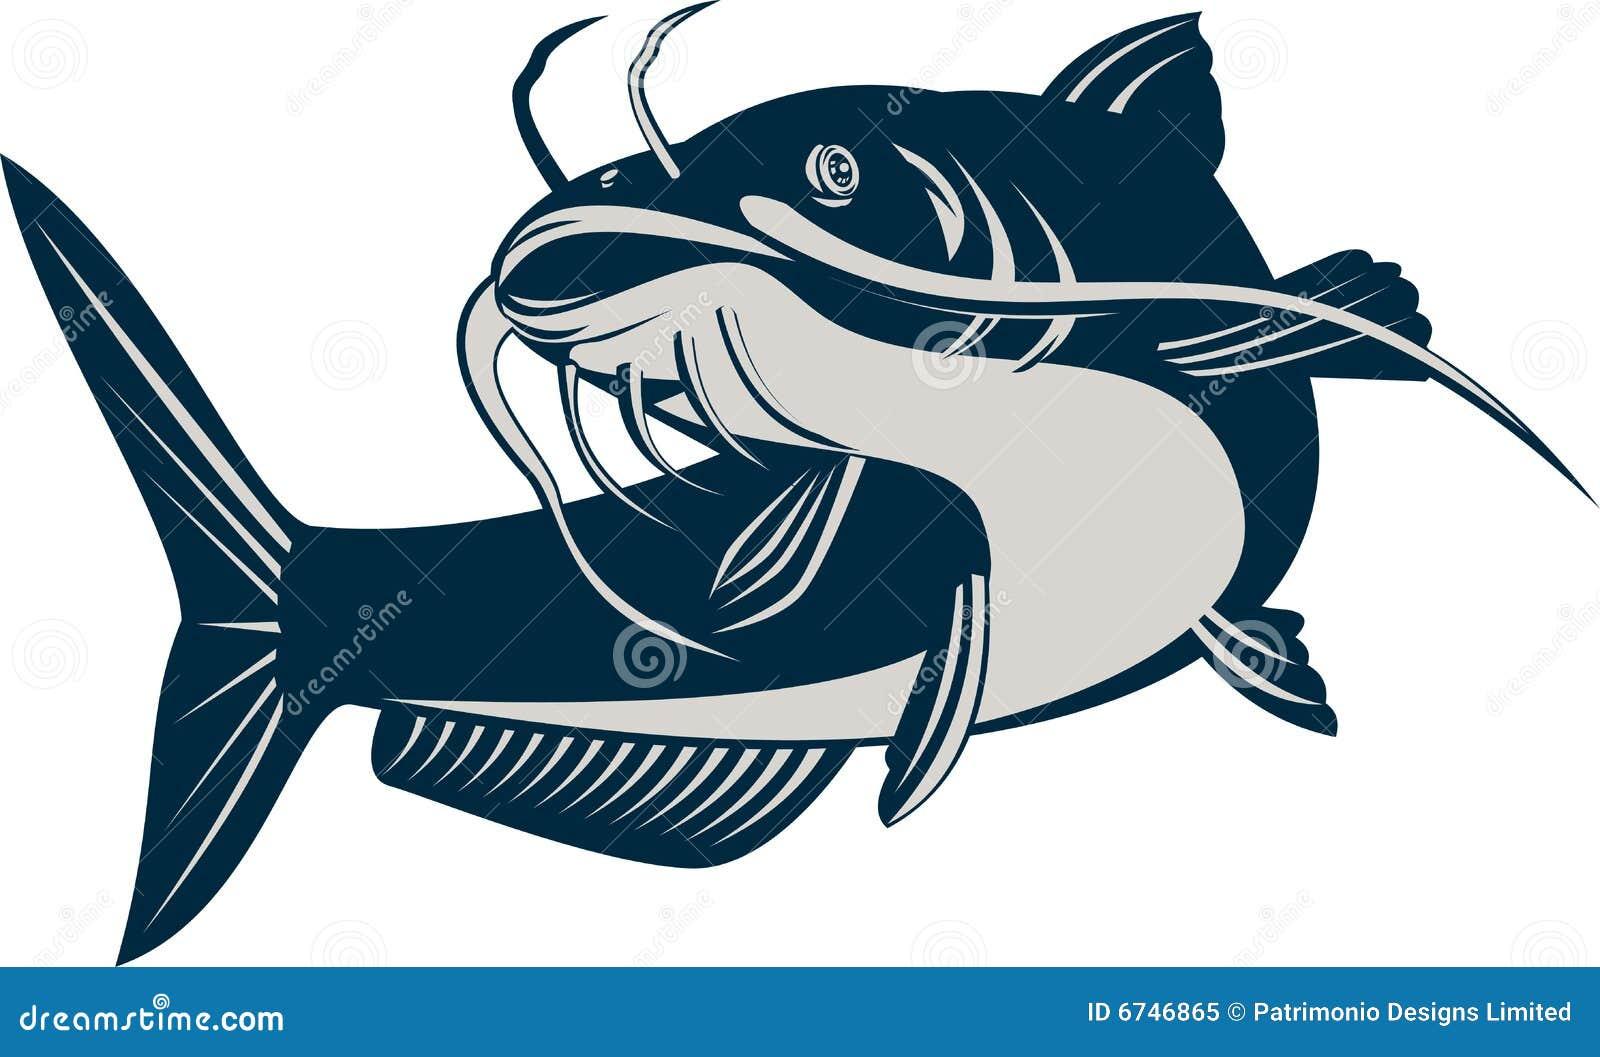 Catfish Royalty Free Stock Photo - Image: 6746865